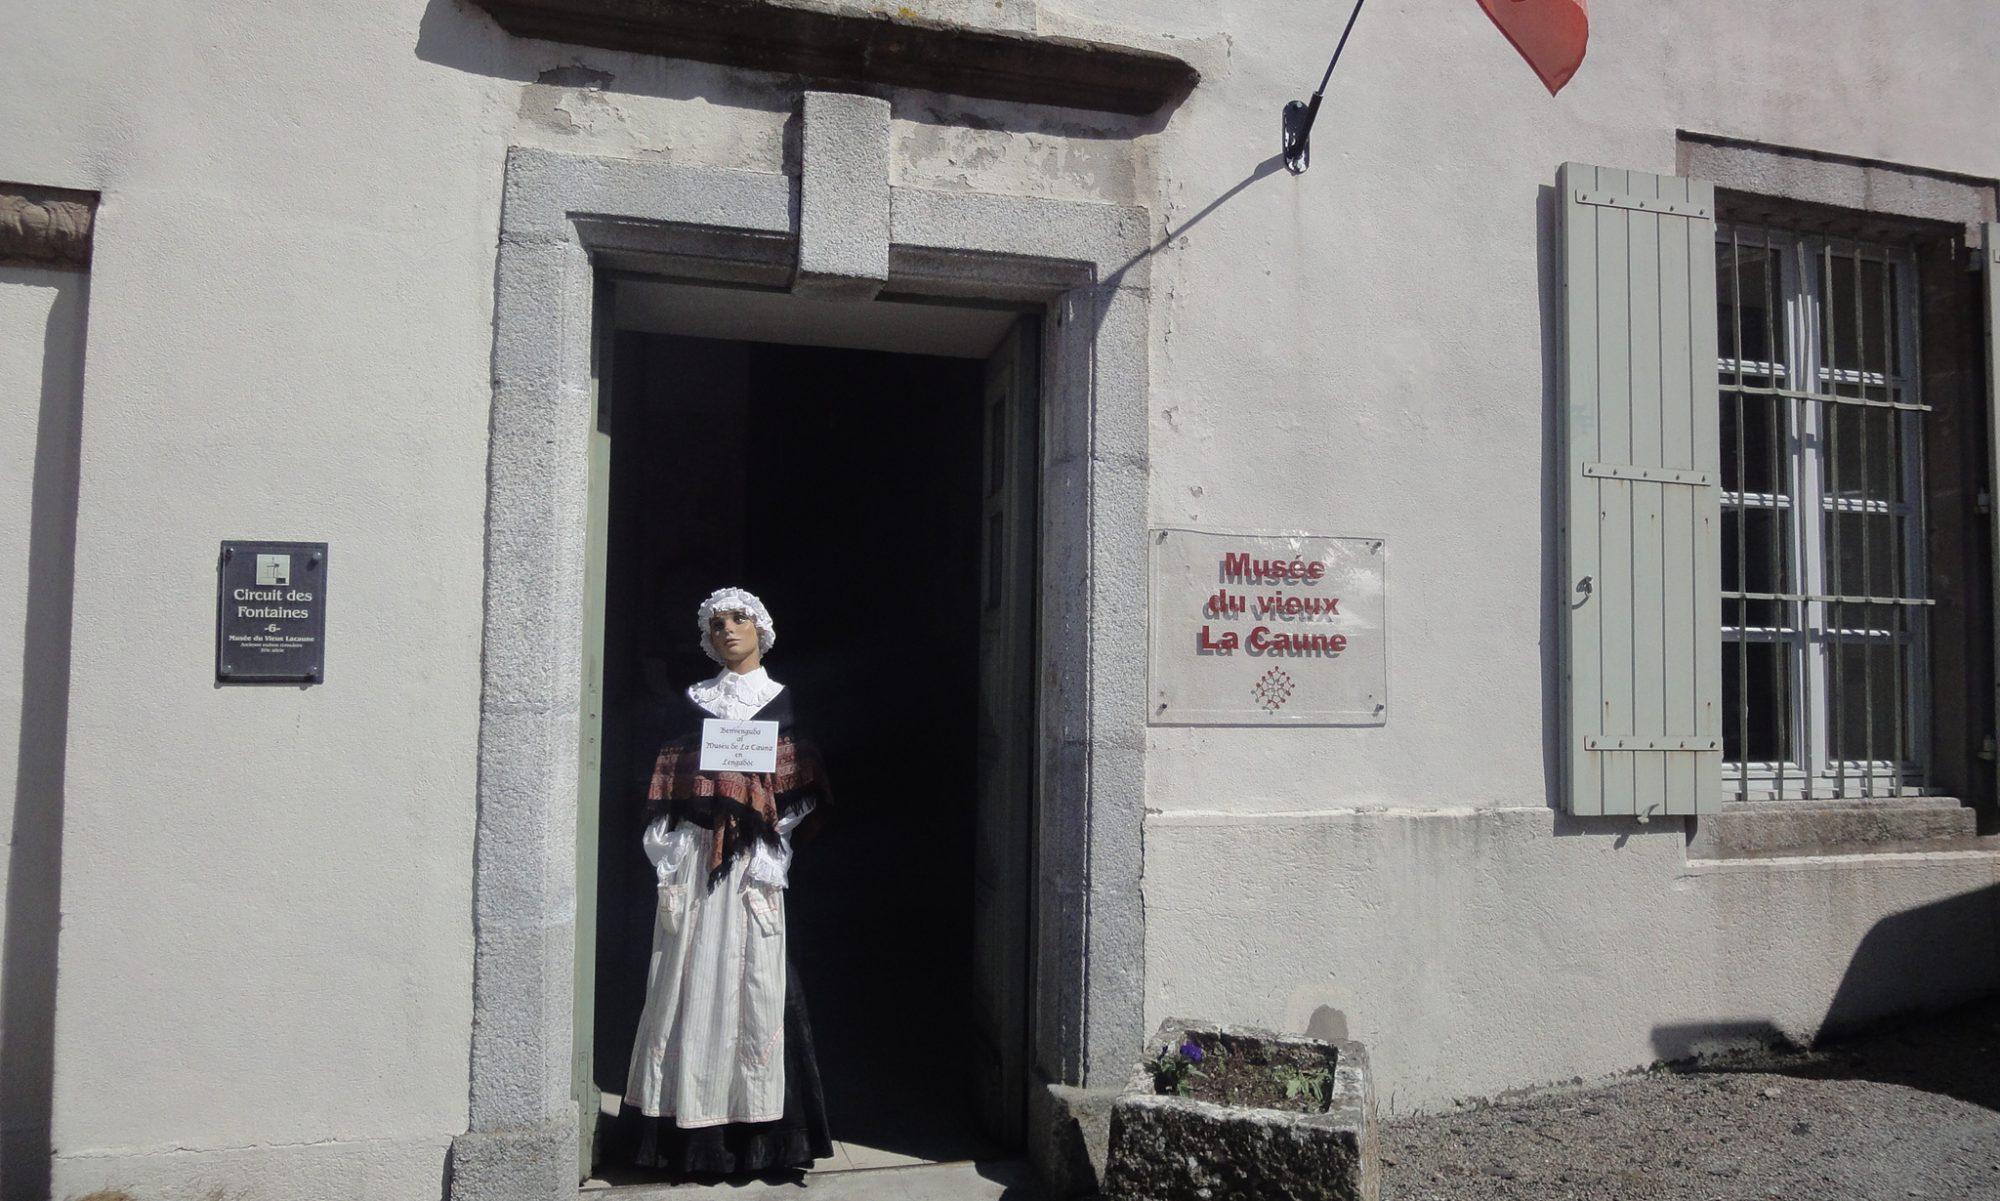 Musée du vieux Lacaune